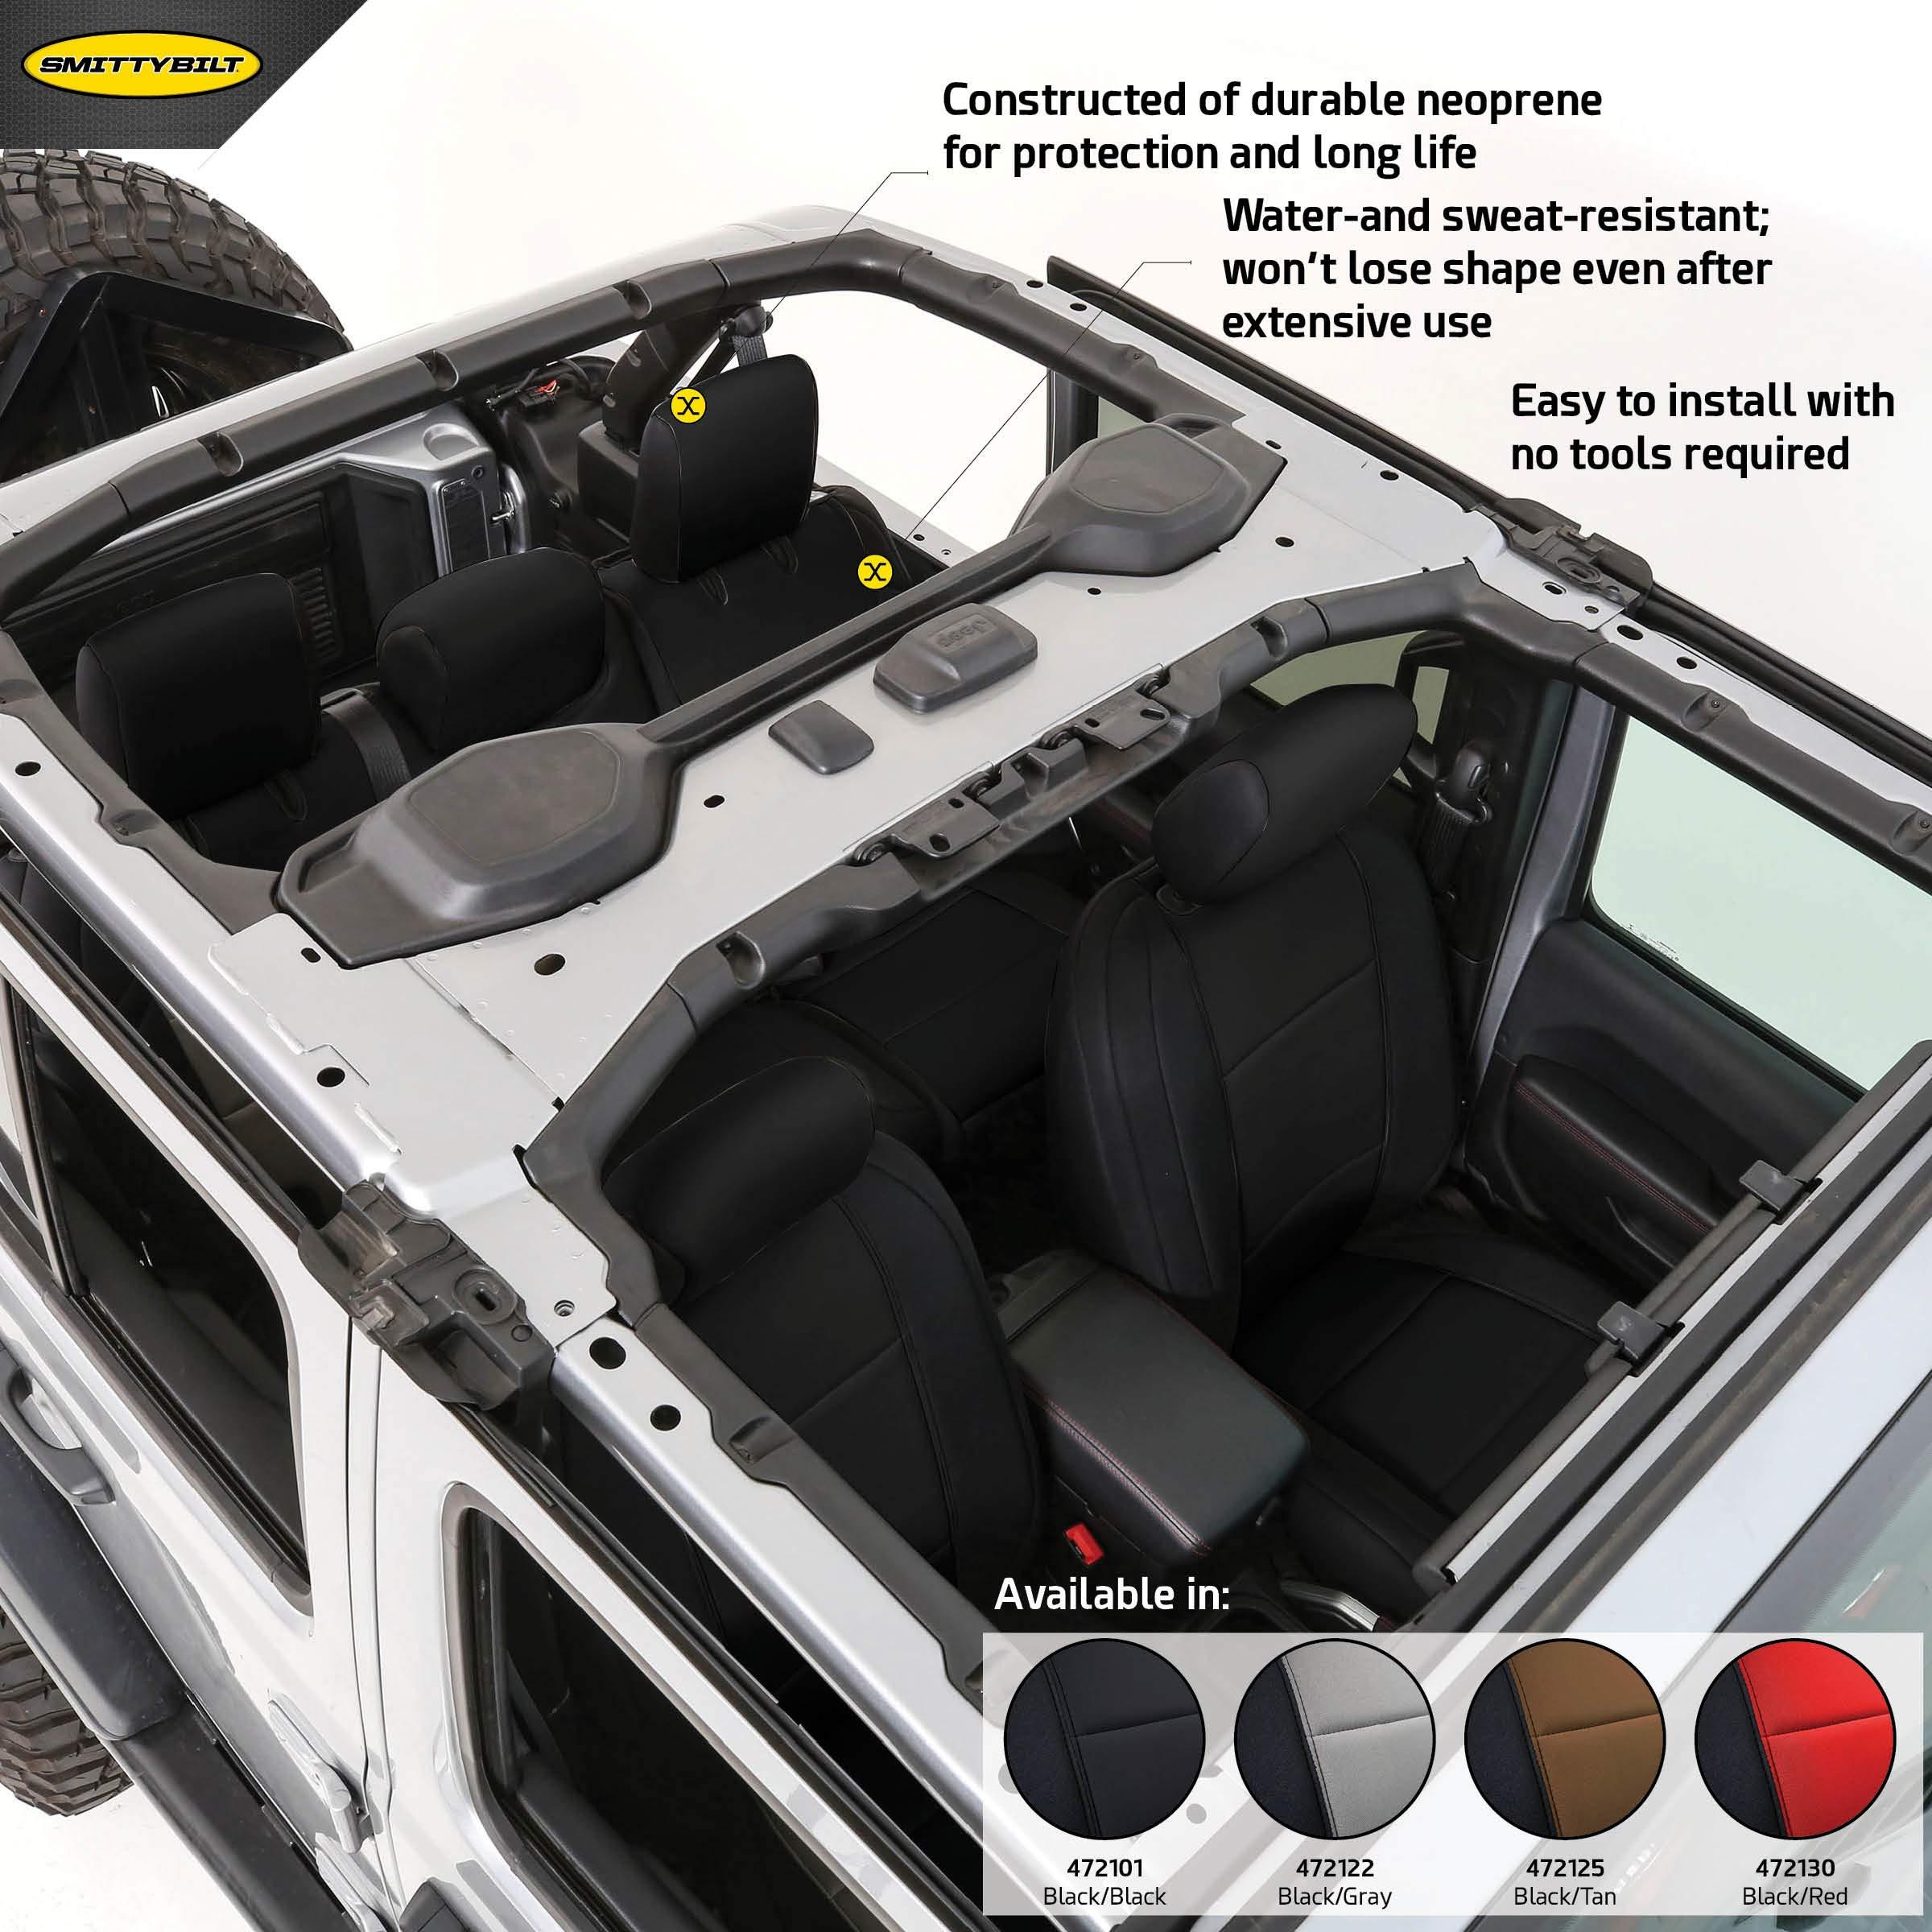 Smittybilt 472101 Black Neoprene Seat Covers for 2018+ Jeep Wrangler JL 4-Door by Smittybilt